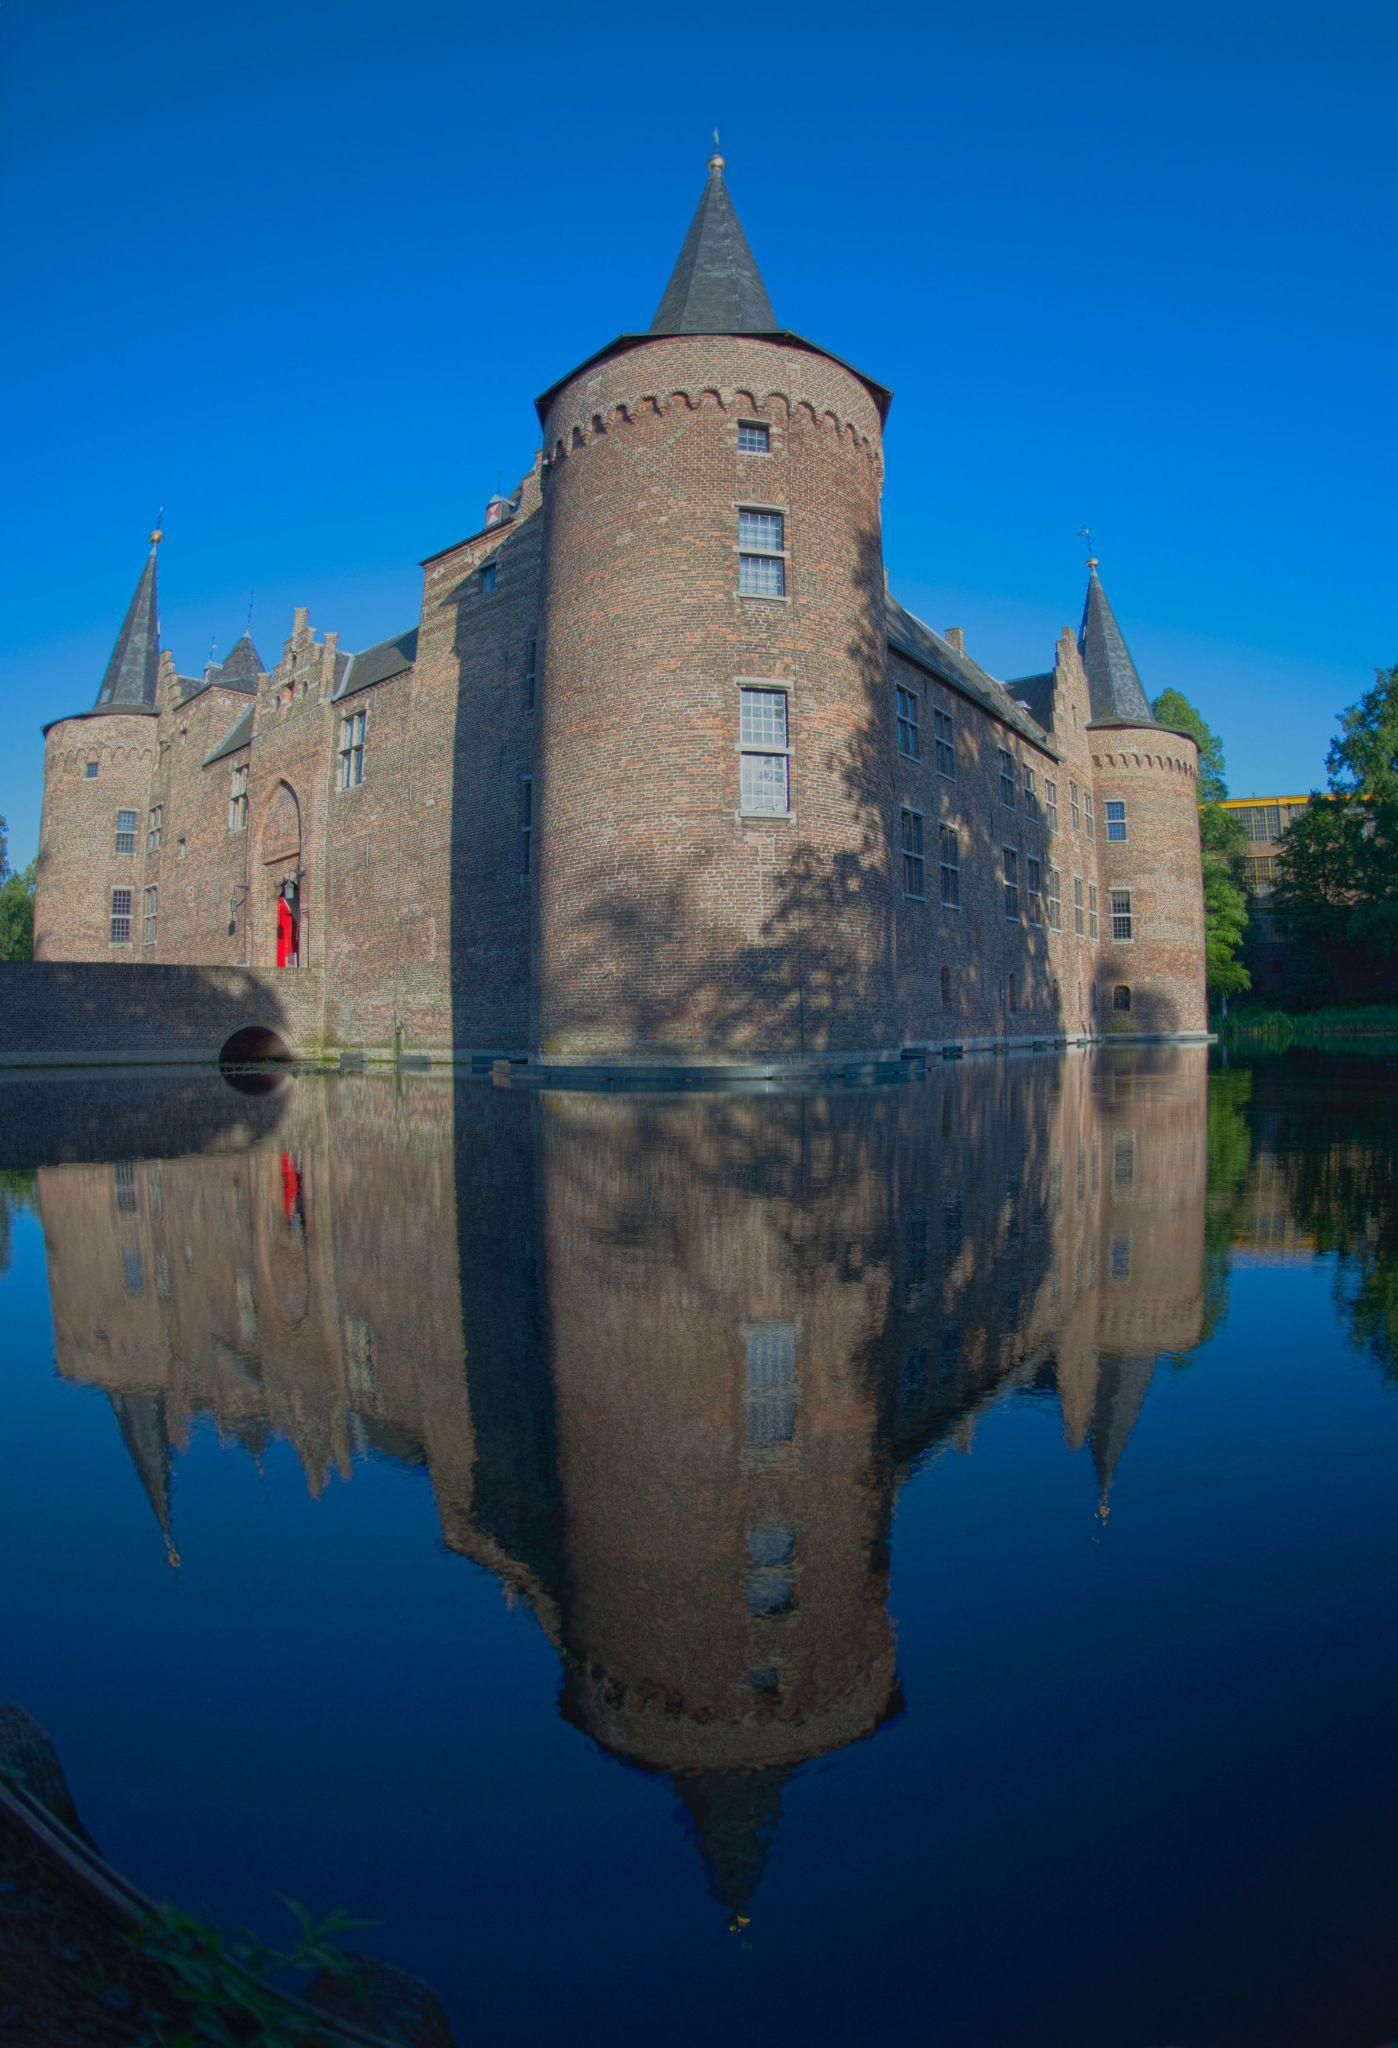 kasteel helmond by patrick bloemers